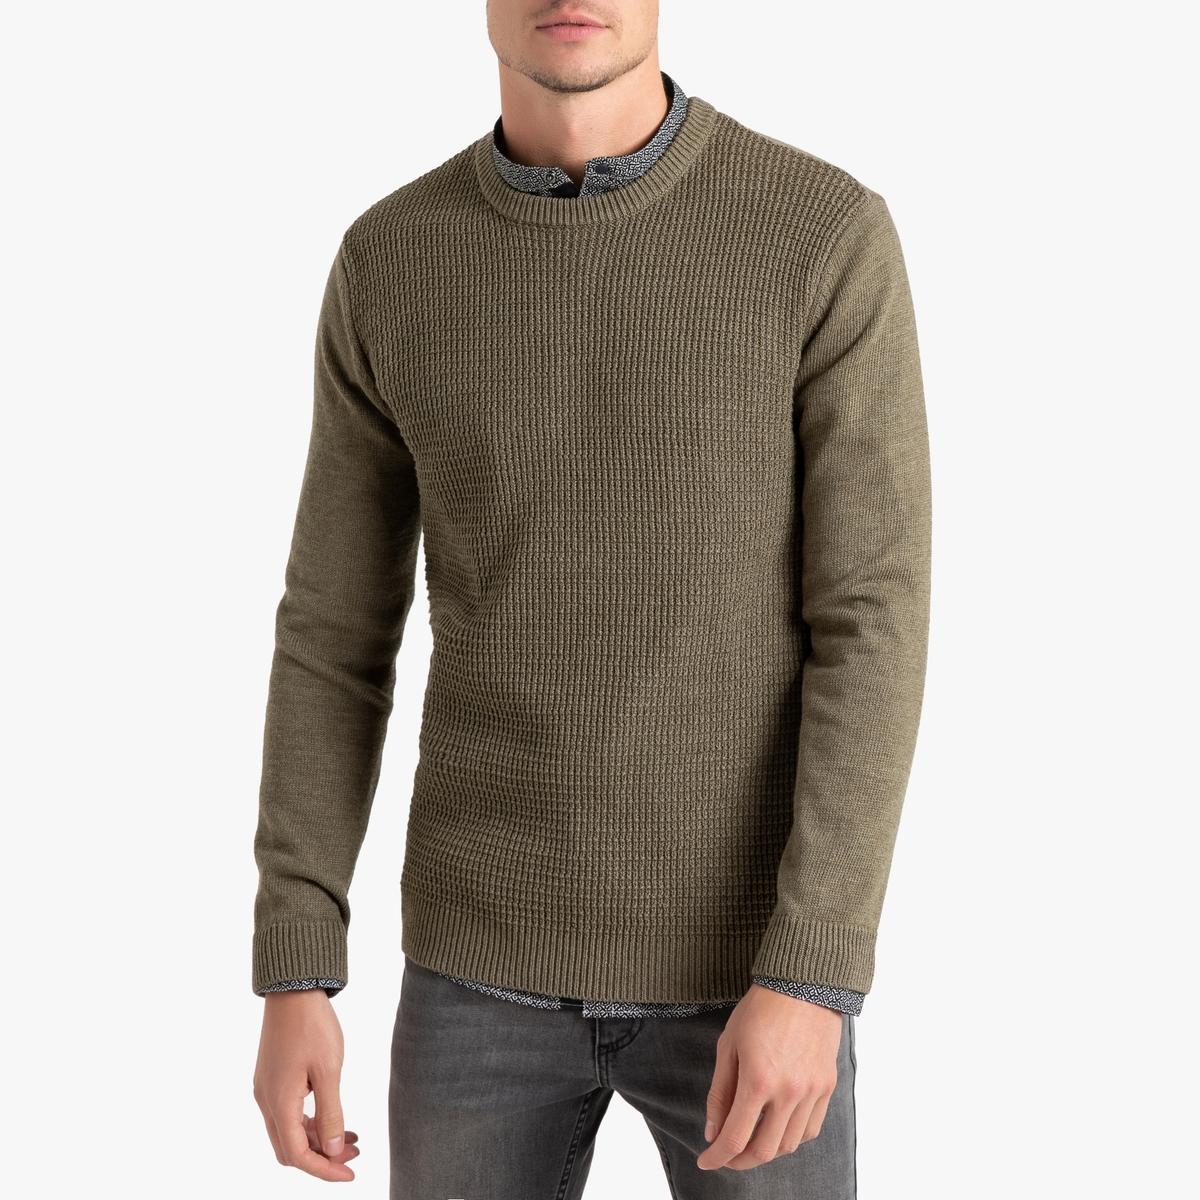 цена Пуловер La Redoute С круглым вырезом с оригинальным узором XXL зеленый онлайн в 2017 году